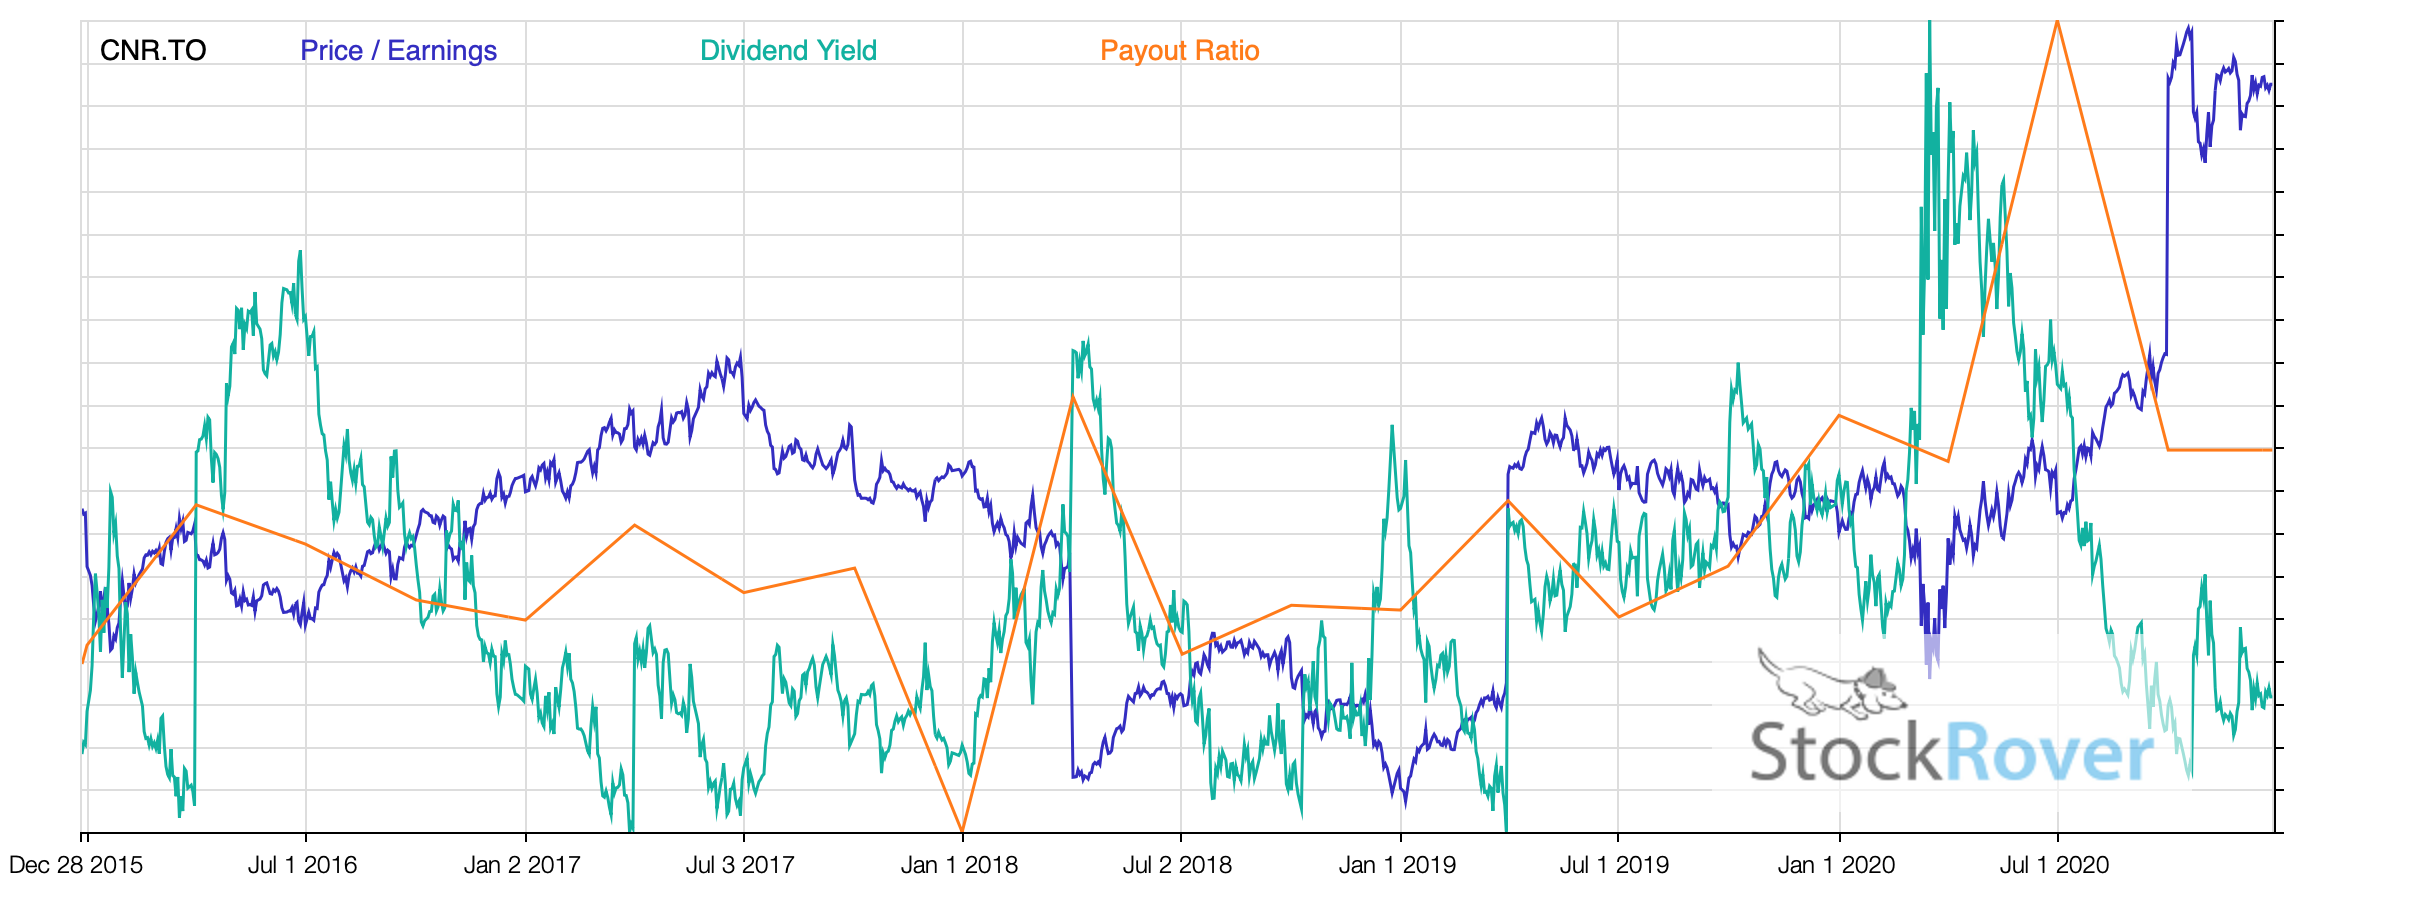 CNR PE Ratios Yield 2020